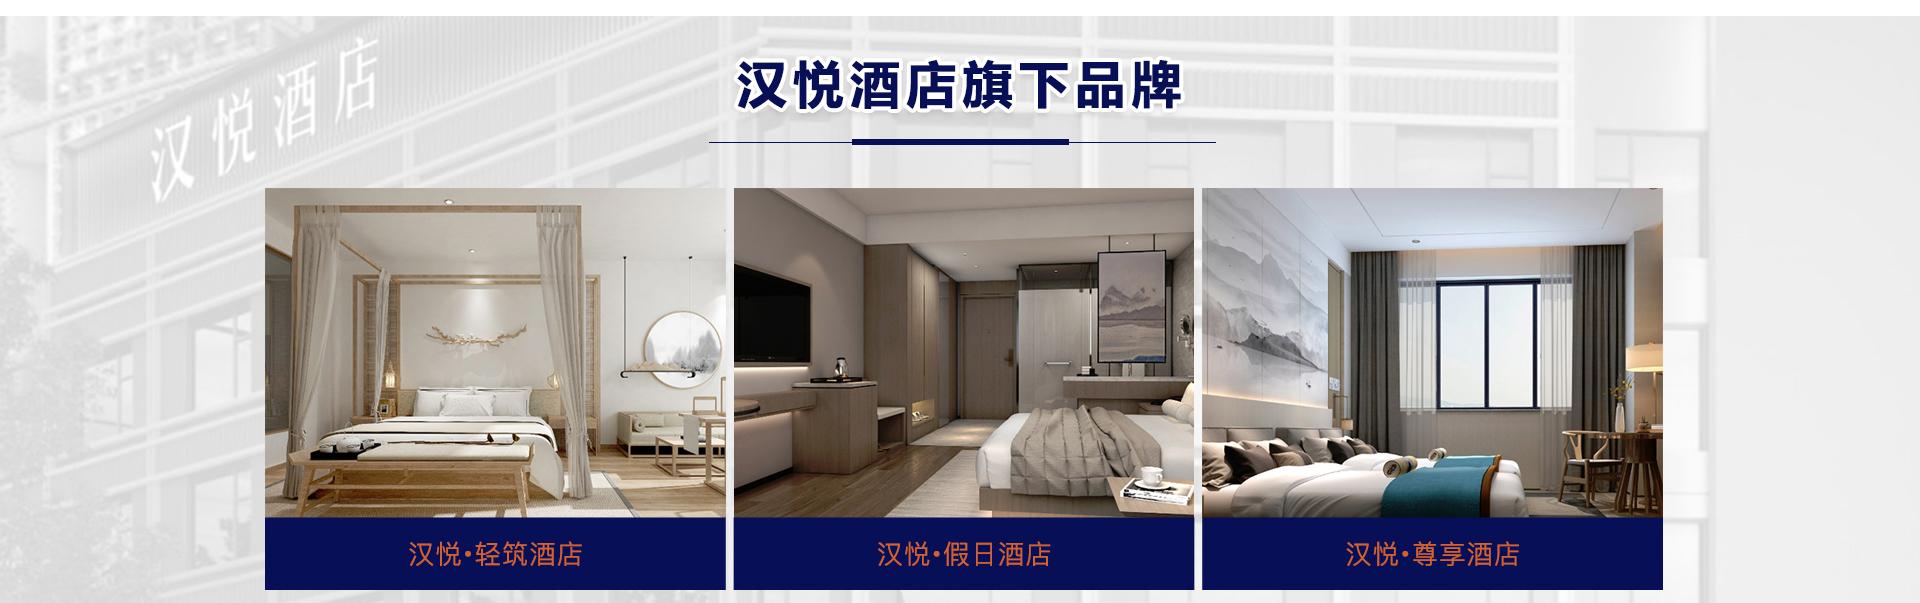 汉悦酒店hyjd_14